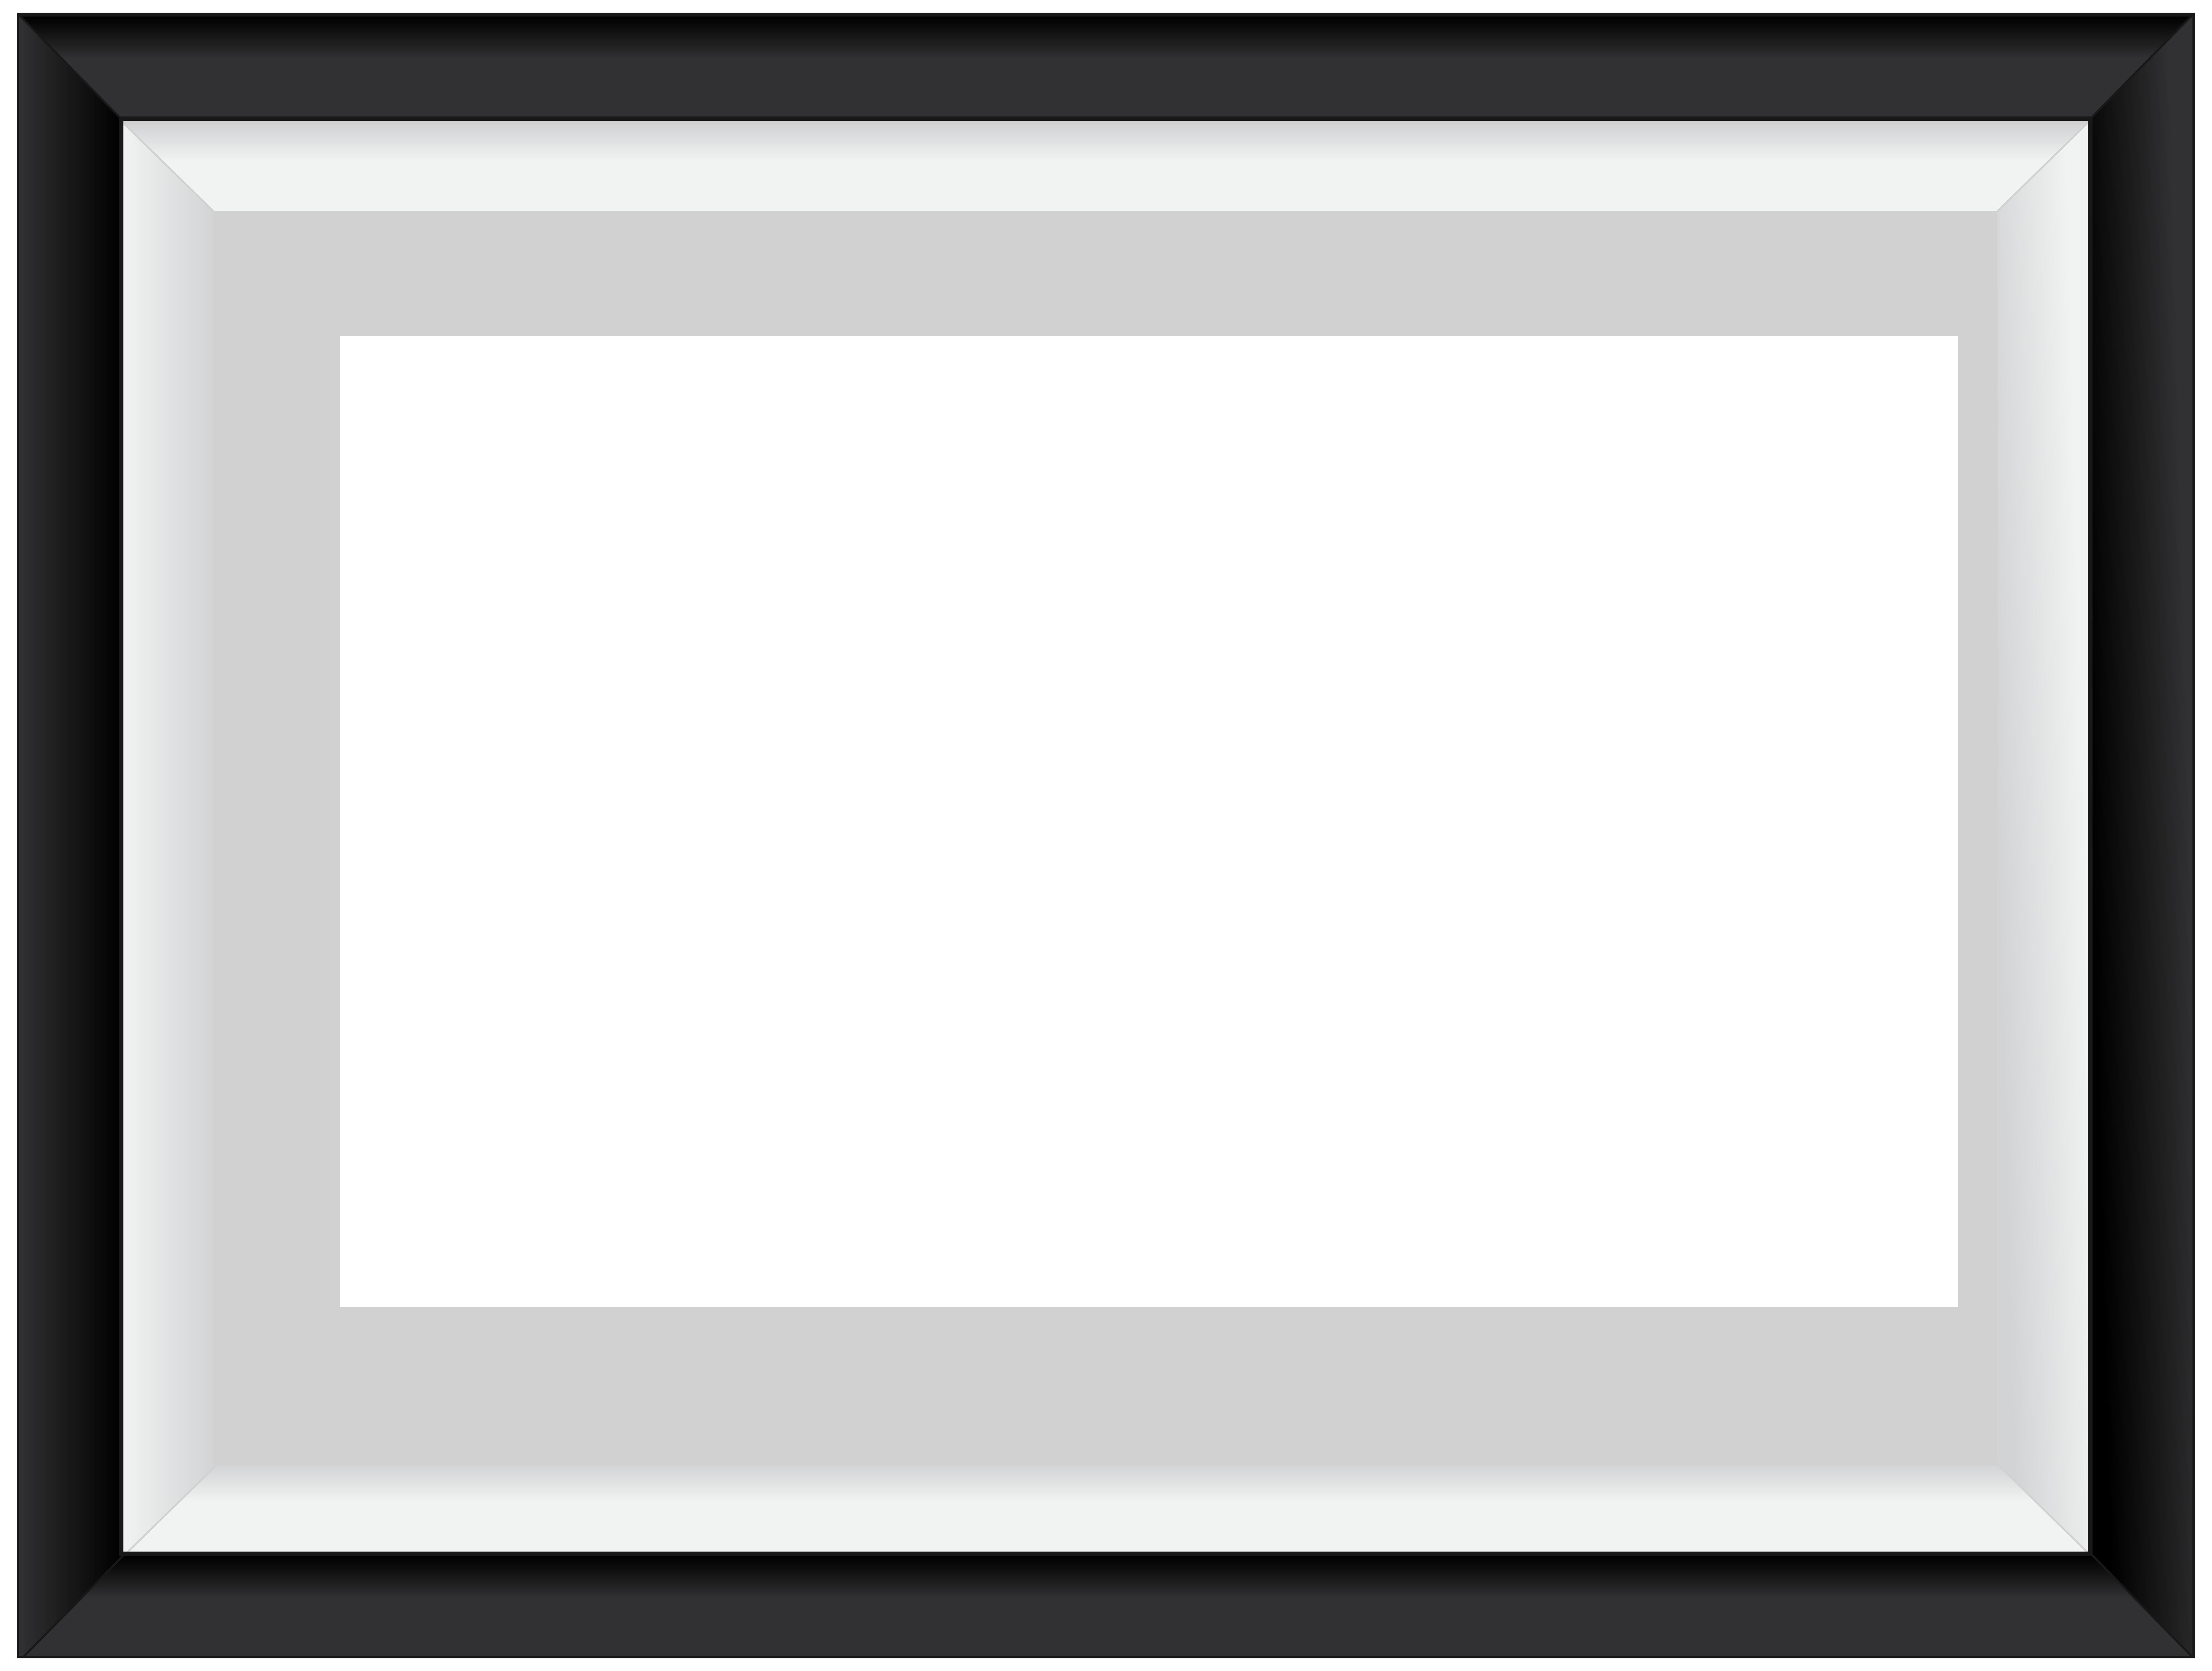 Black White Border Frame Transparent PNG Image.